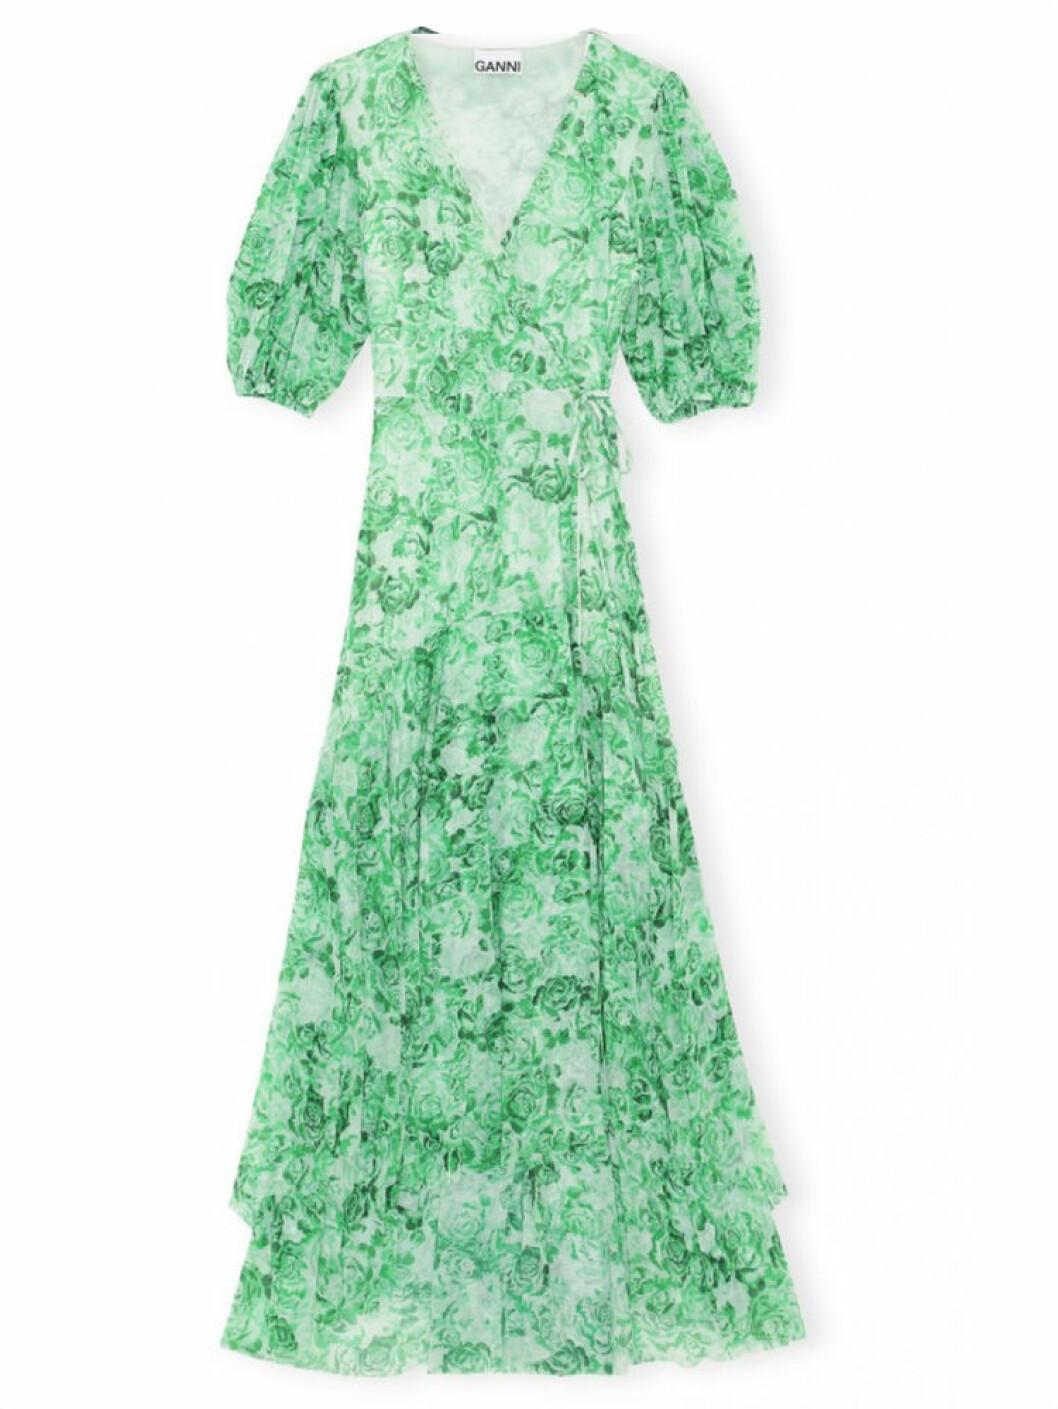 Grön klänning från Ganni